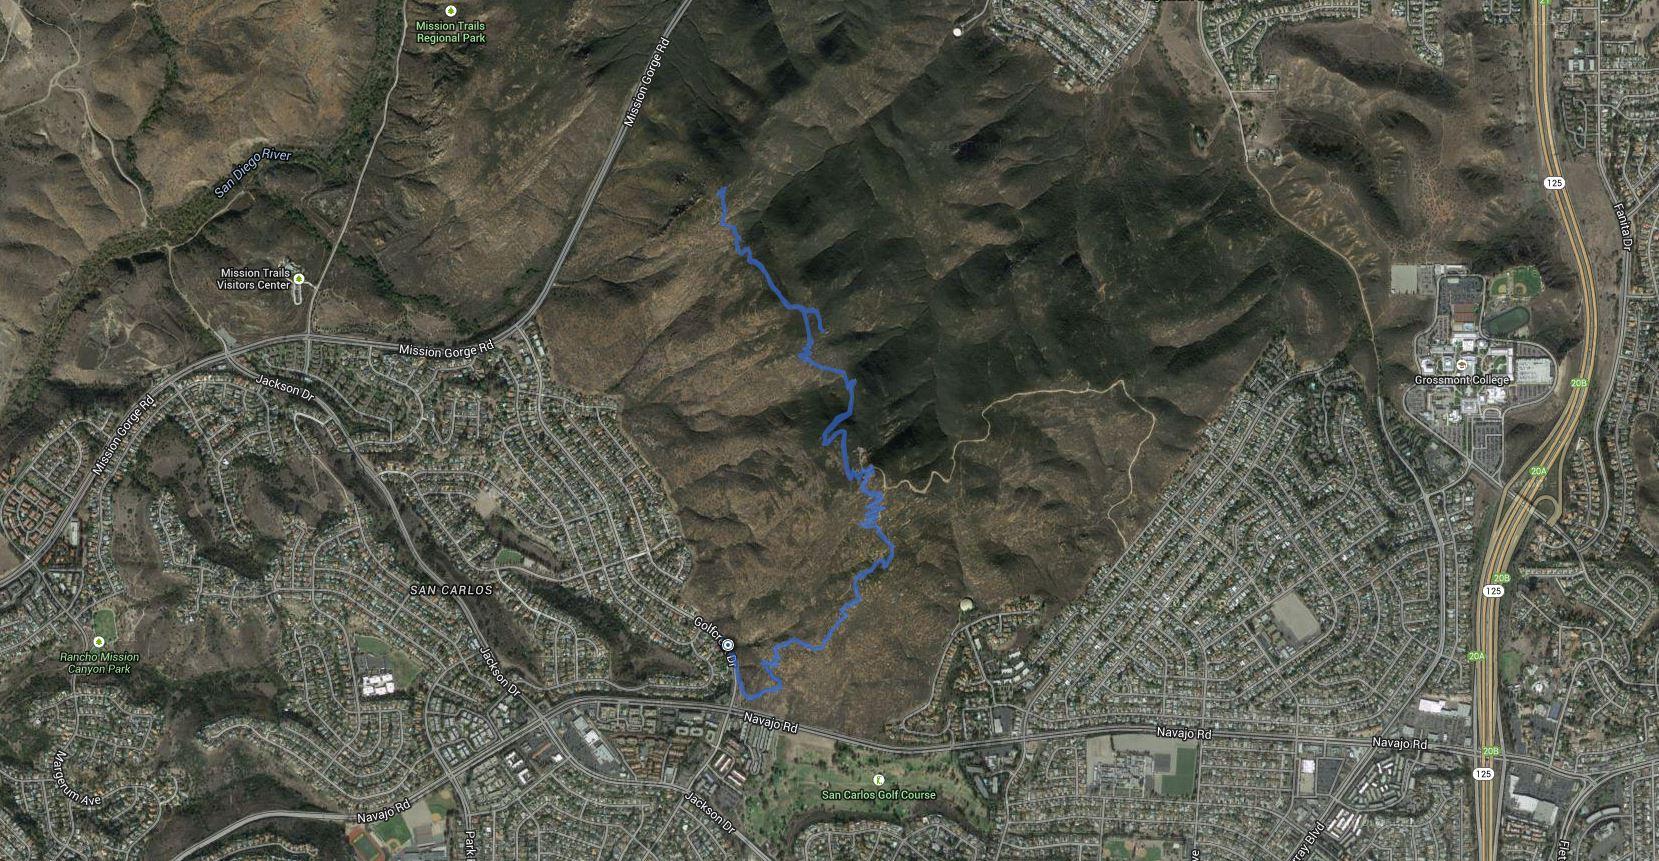 Cowles Mountain, Peak 1380, Pyles Peak – GPS Track